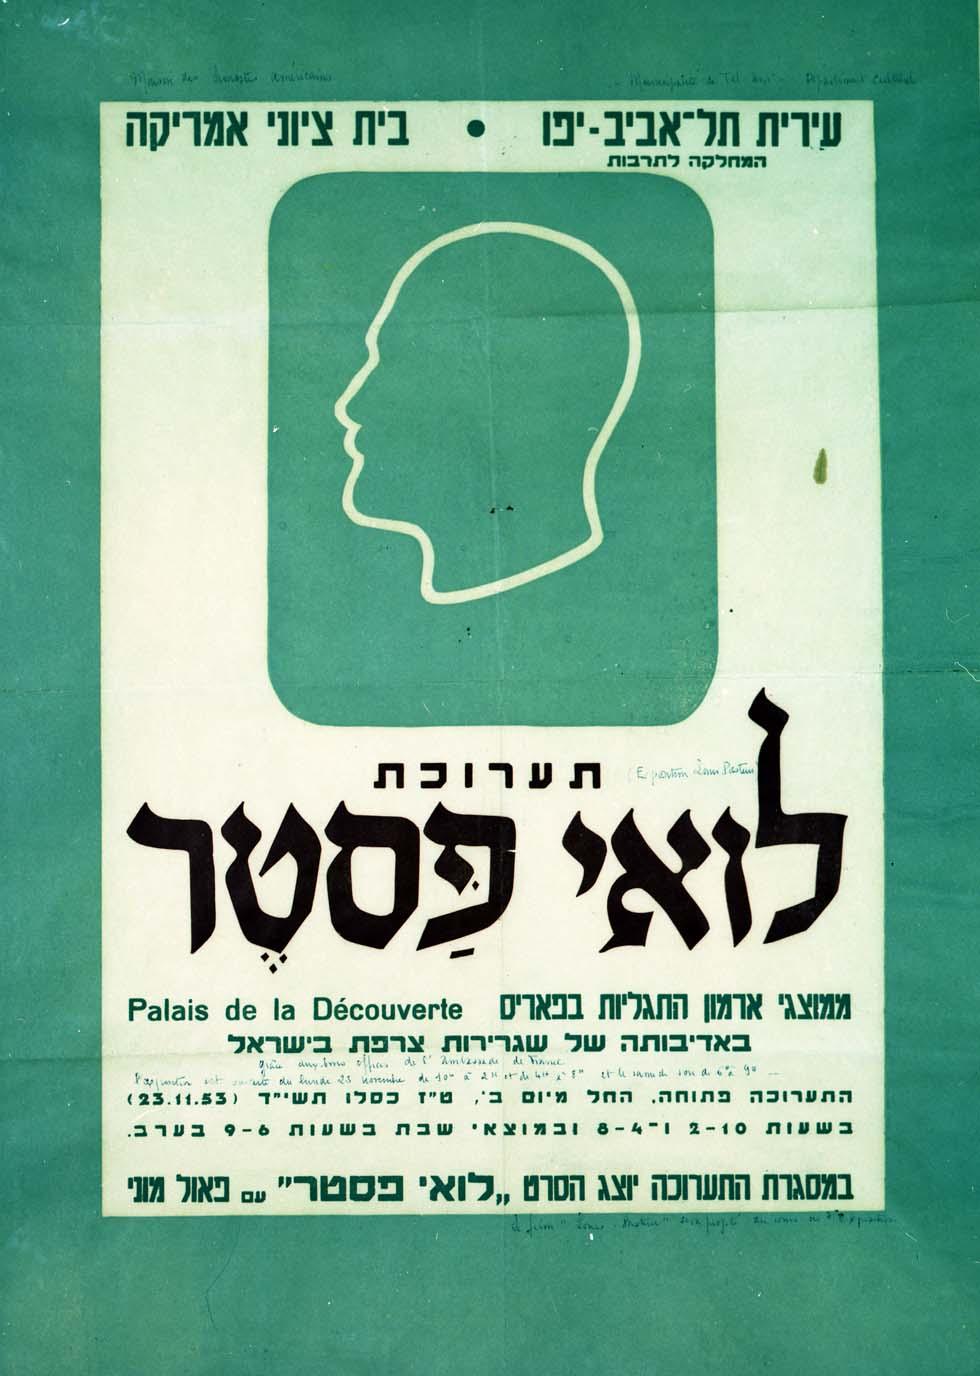 1953 : Cinquantenaire de la mort de Pasteur à Tel Aviv(ouverture du diaporama)